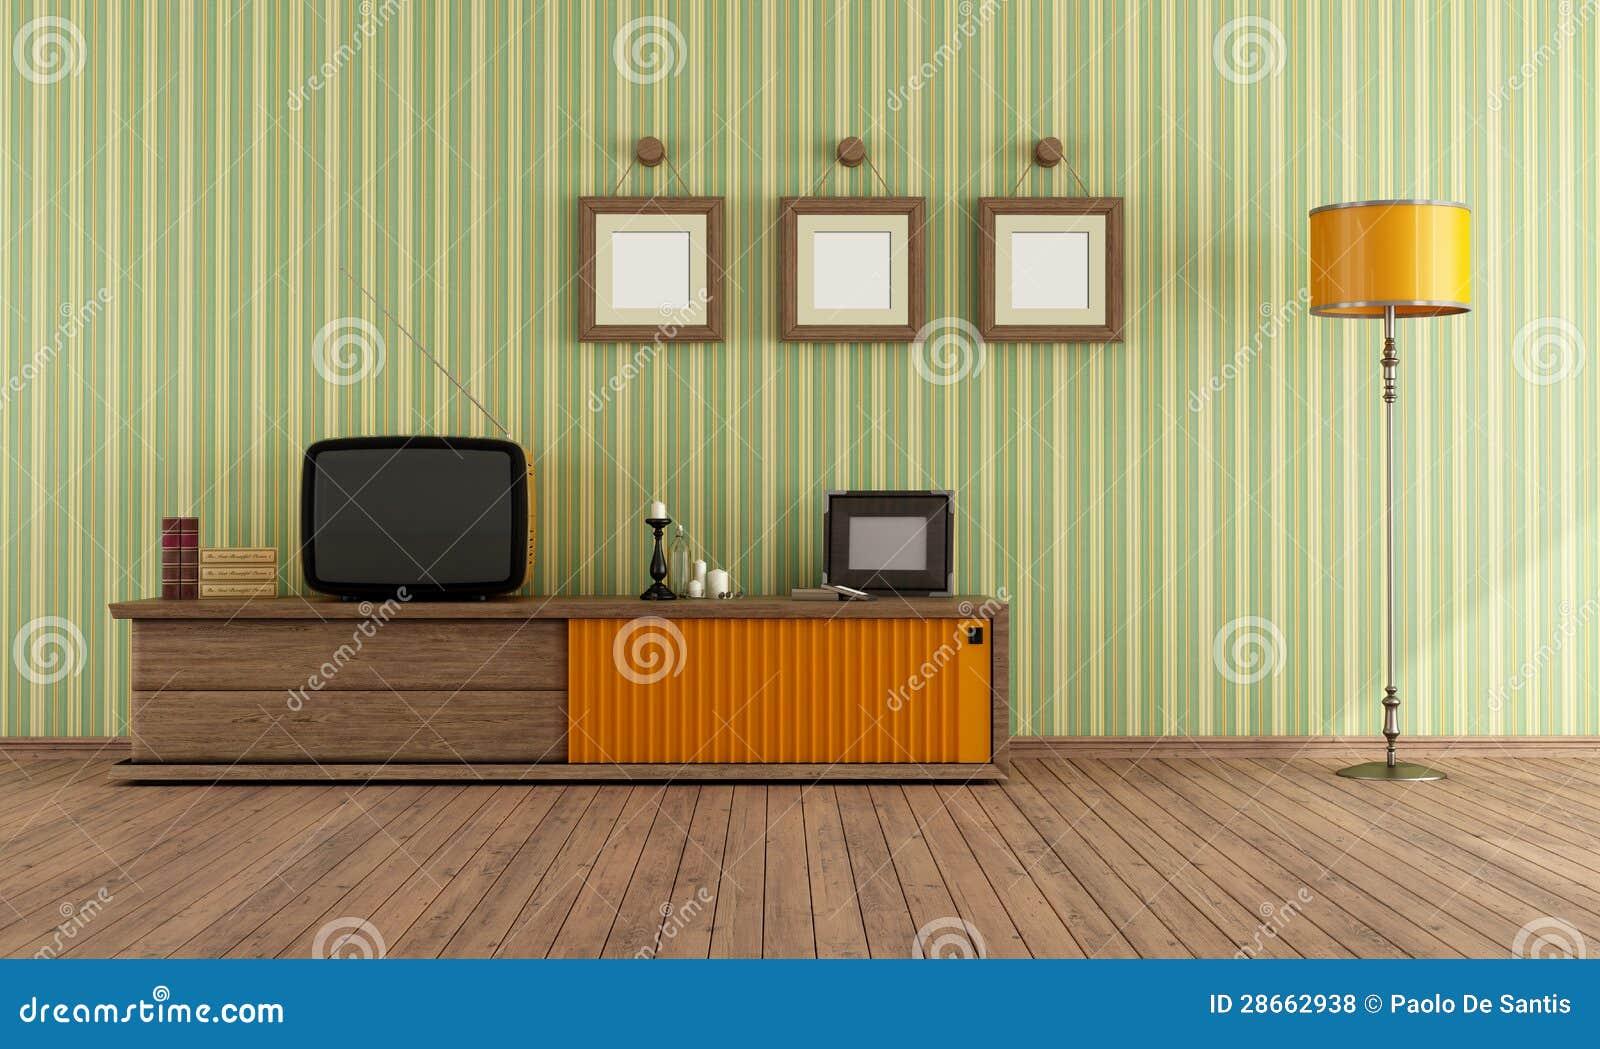 Retro Fernsehapparat In Einem Wohnzimmer Stock Abbildung ...